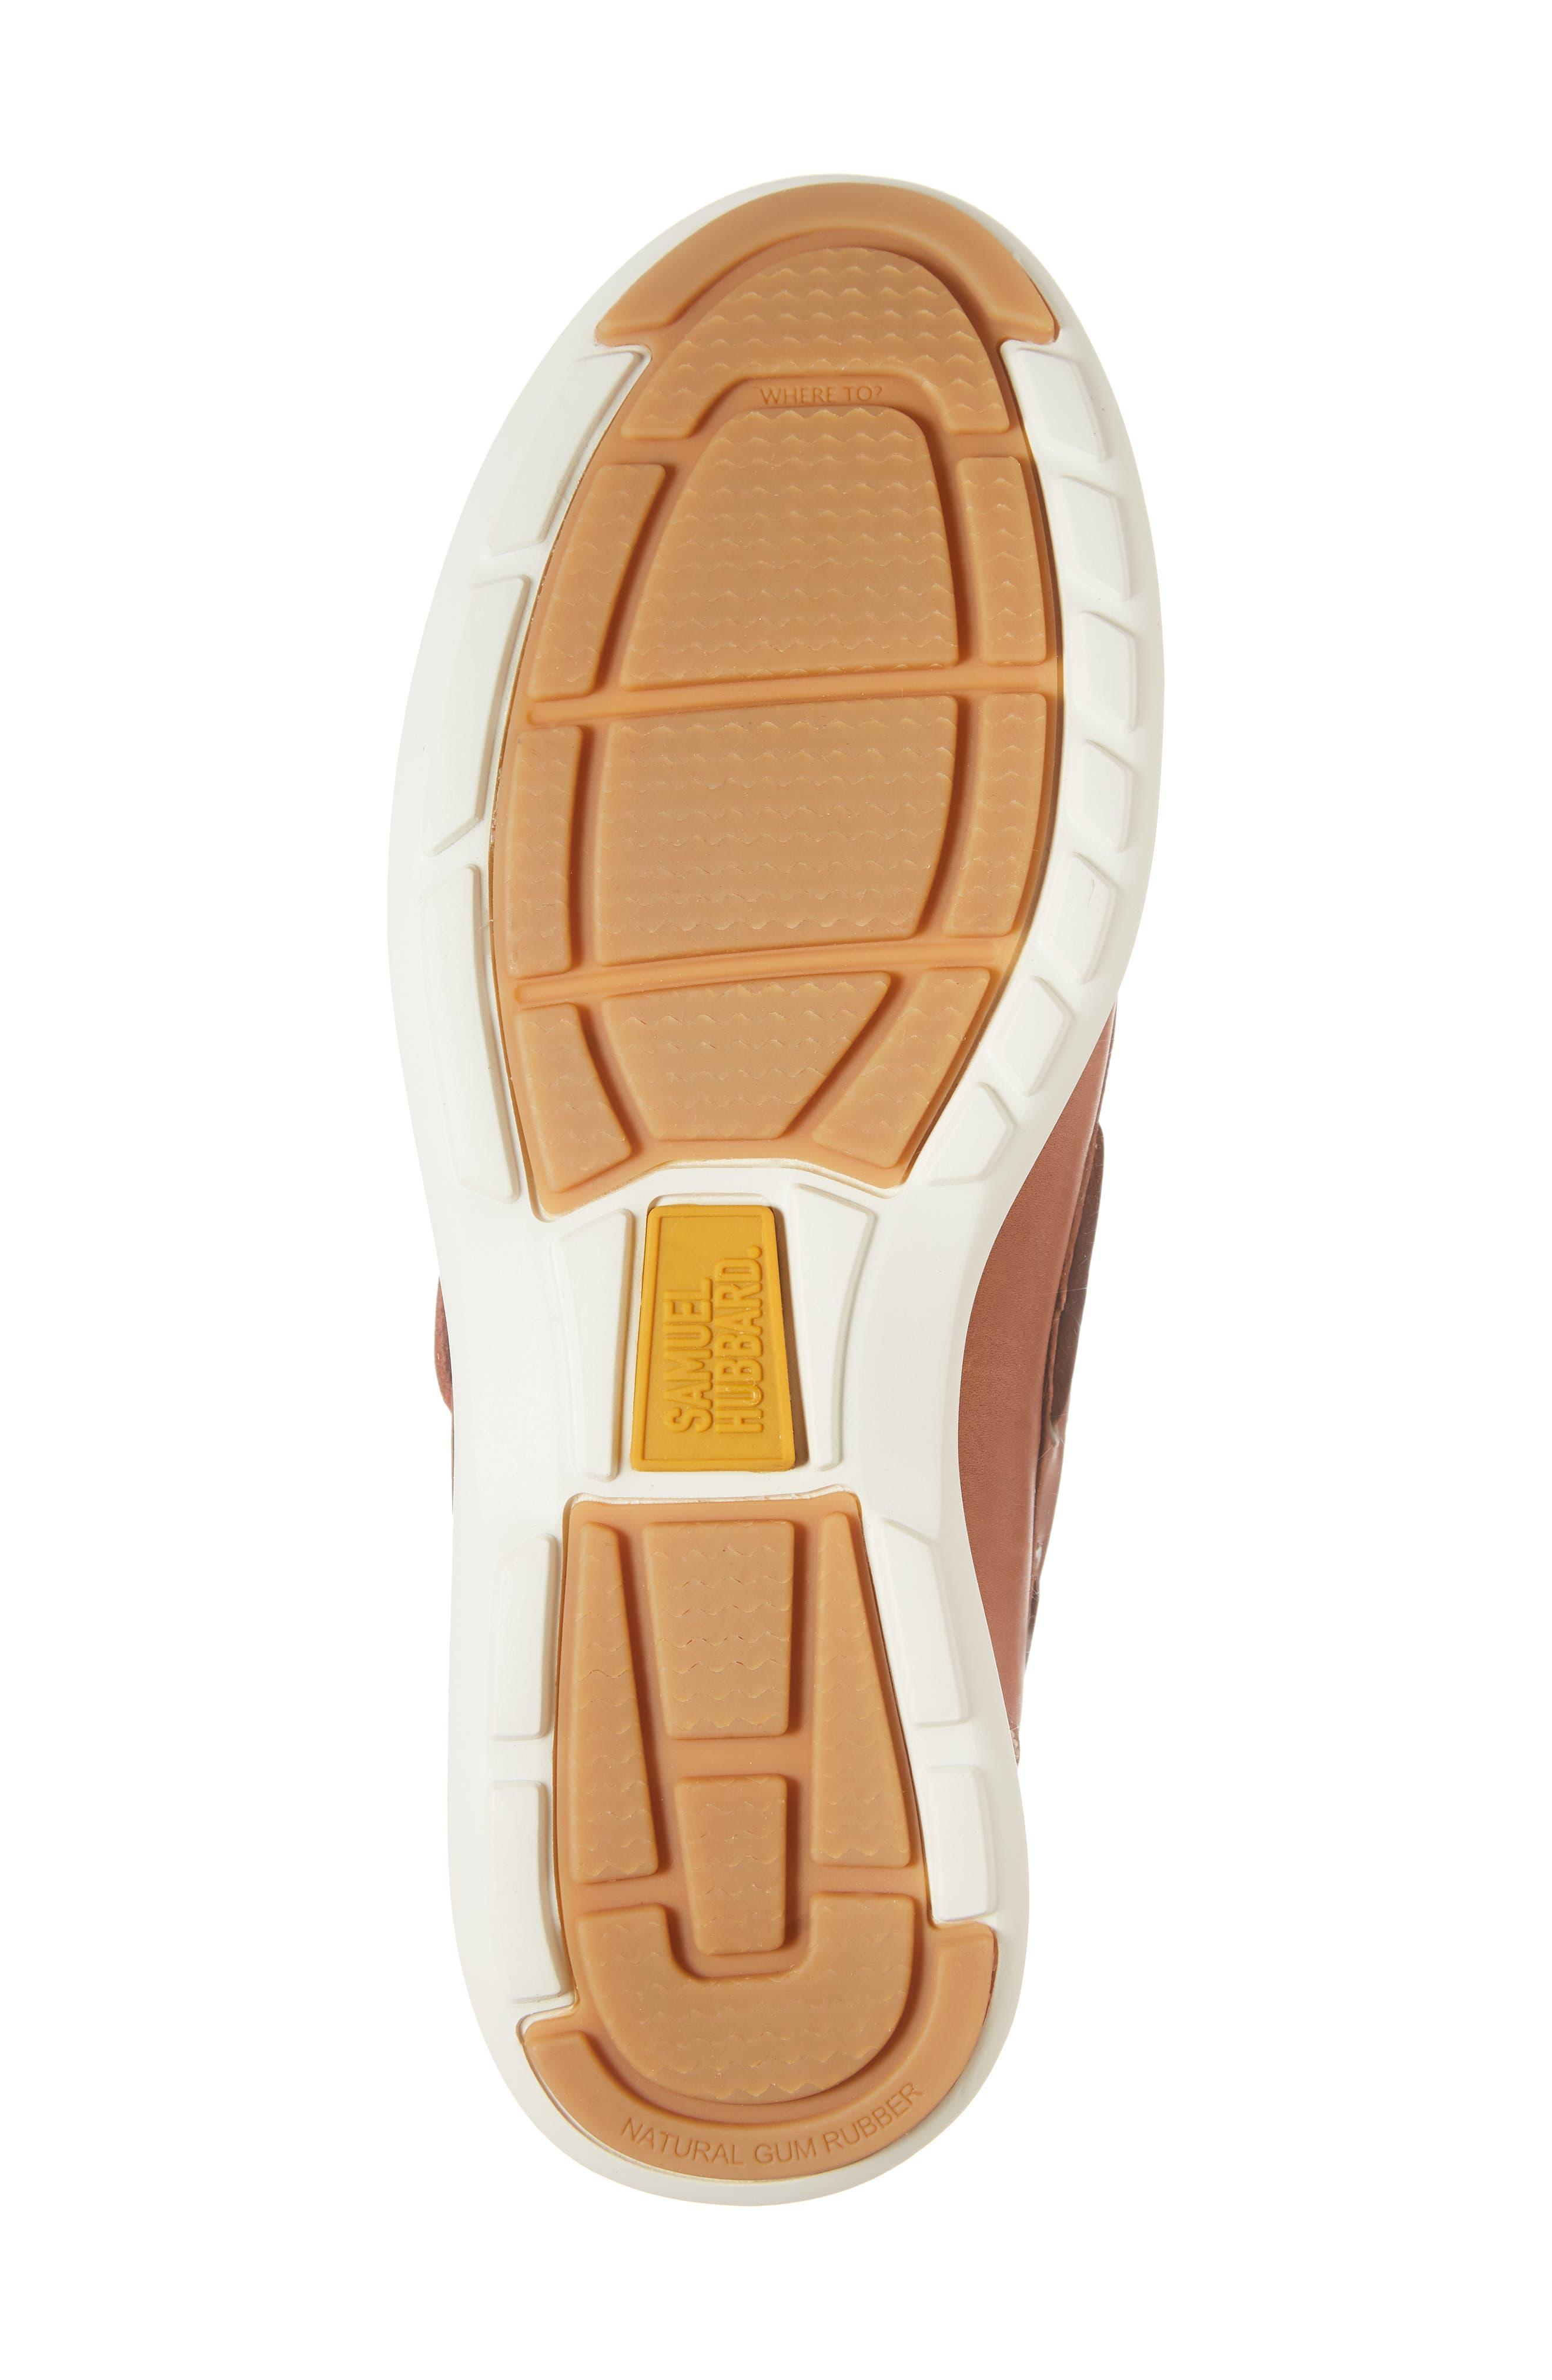 New Endeavor Moc Toe Boat Shoe,                             Alternate thumbnail 6, color,                             TAN WAXED NUBUCK